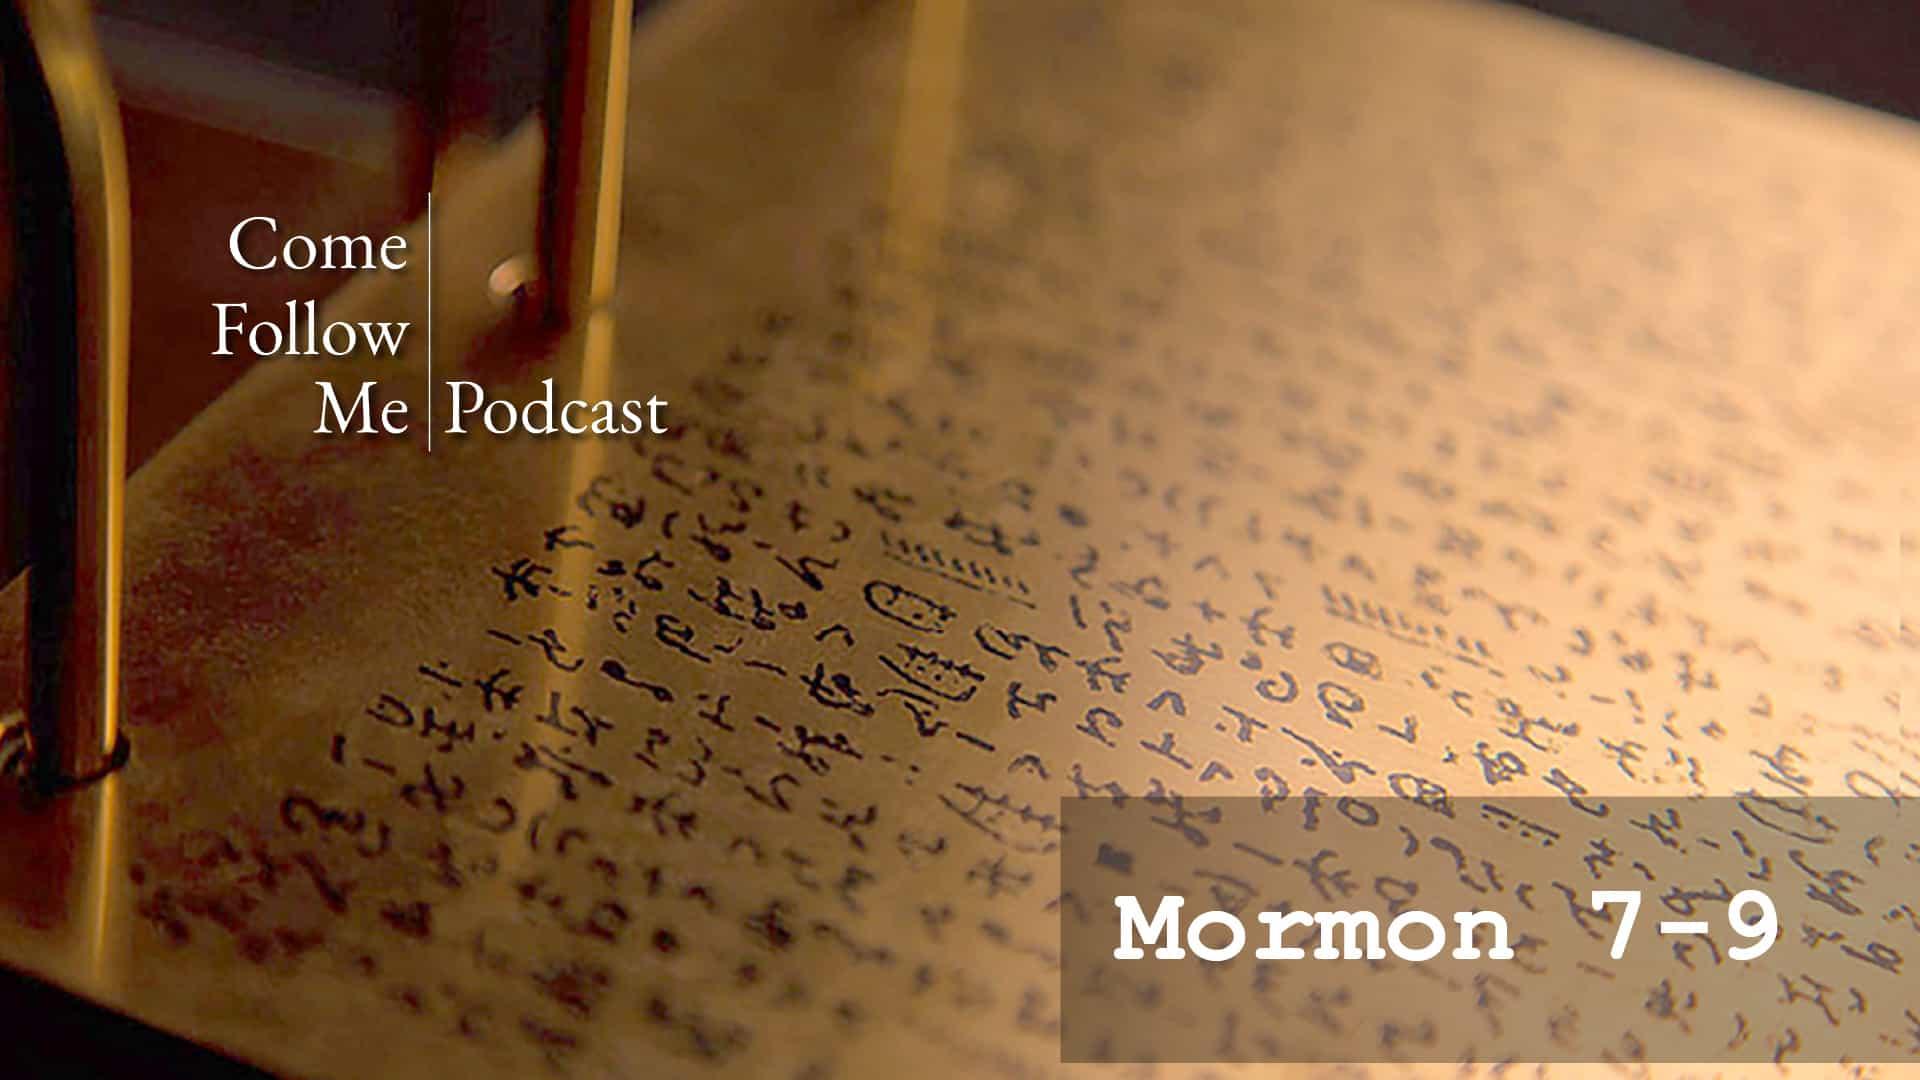 Mormon 7-9